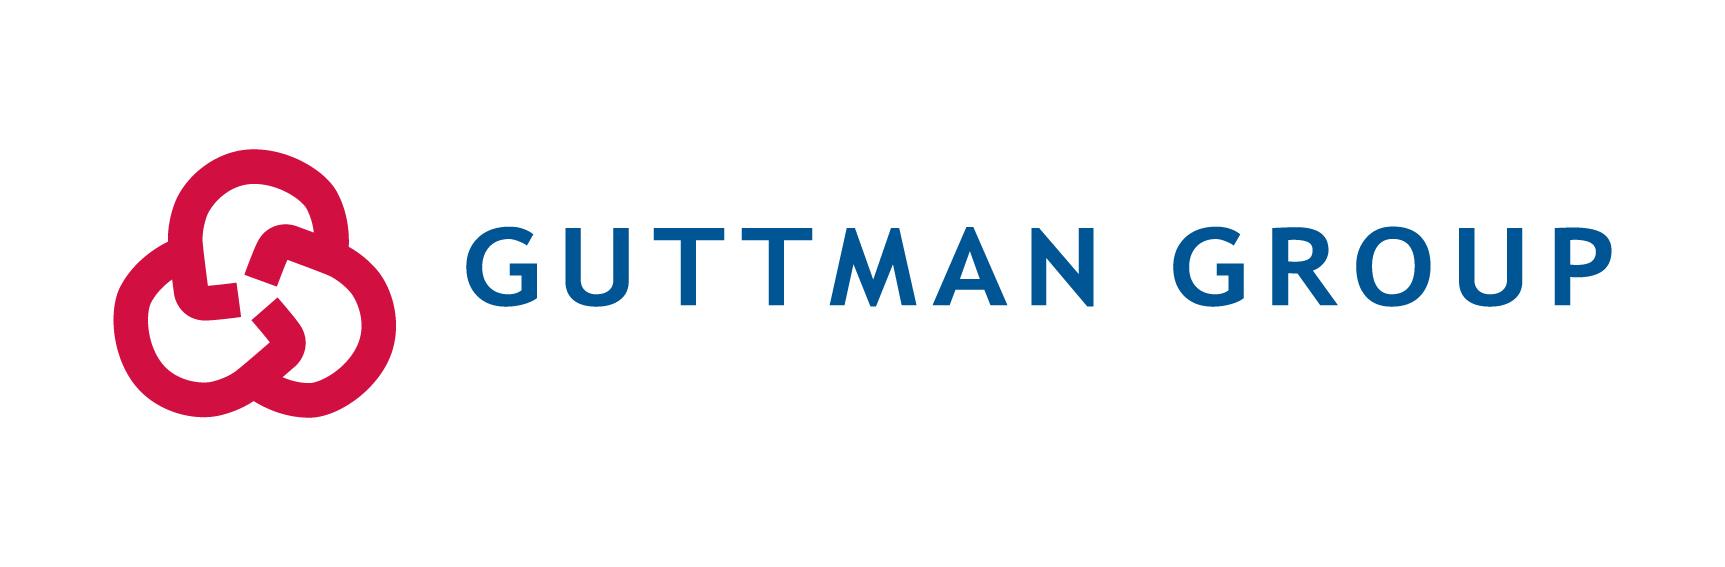 Guttman Group